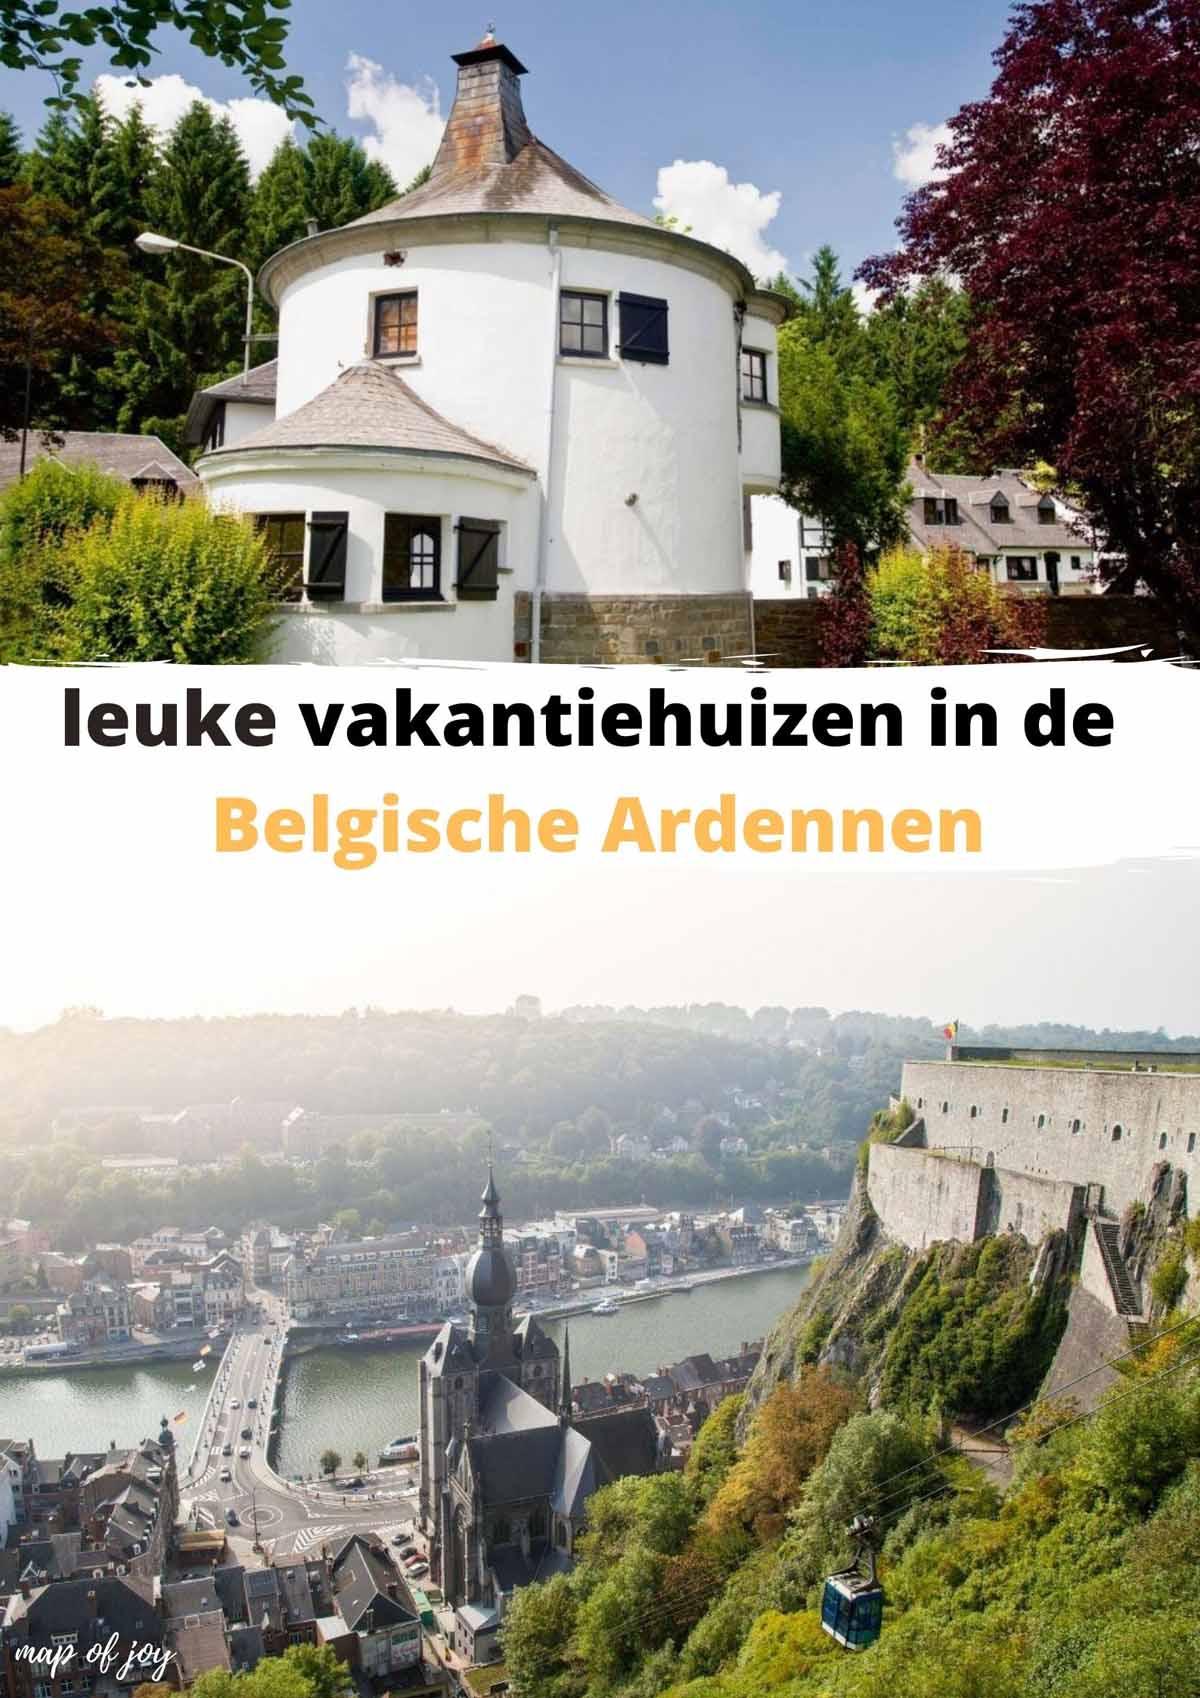 leuke vakantiehuizen in de Belgische Ardennen